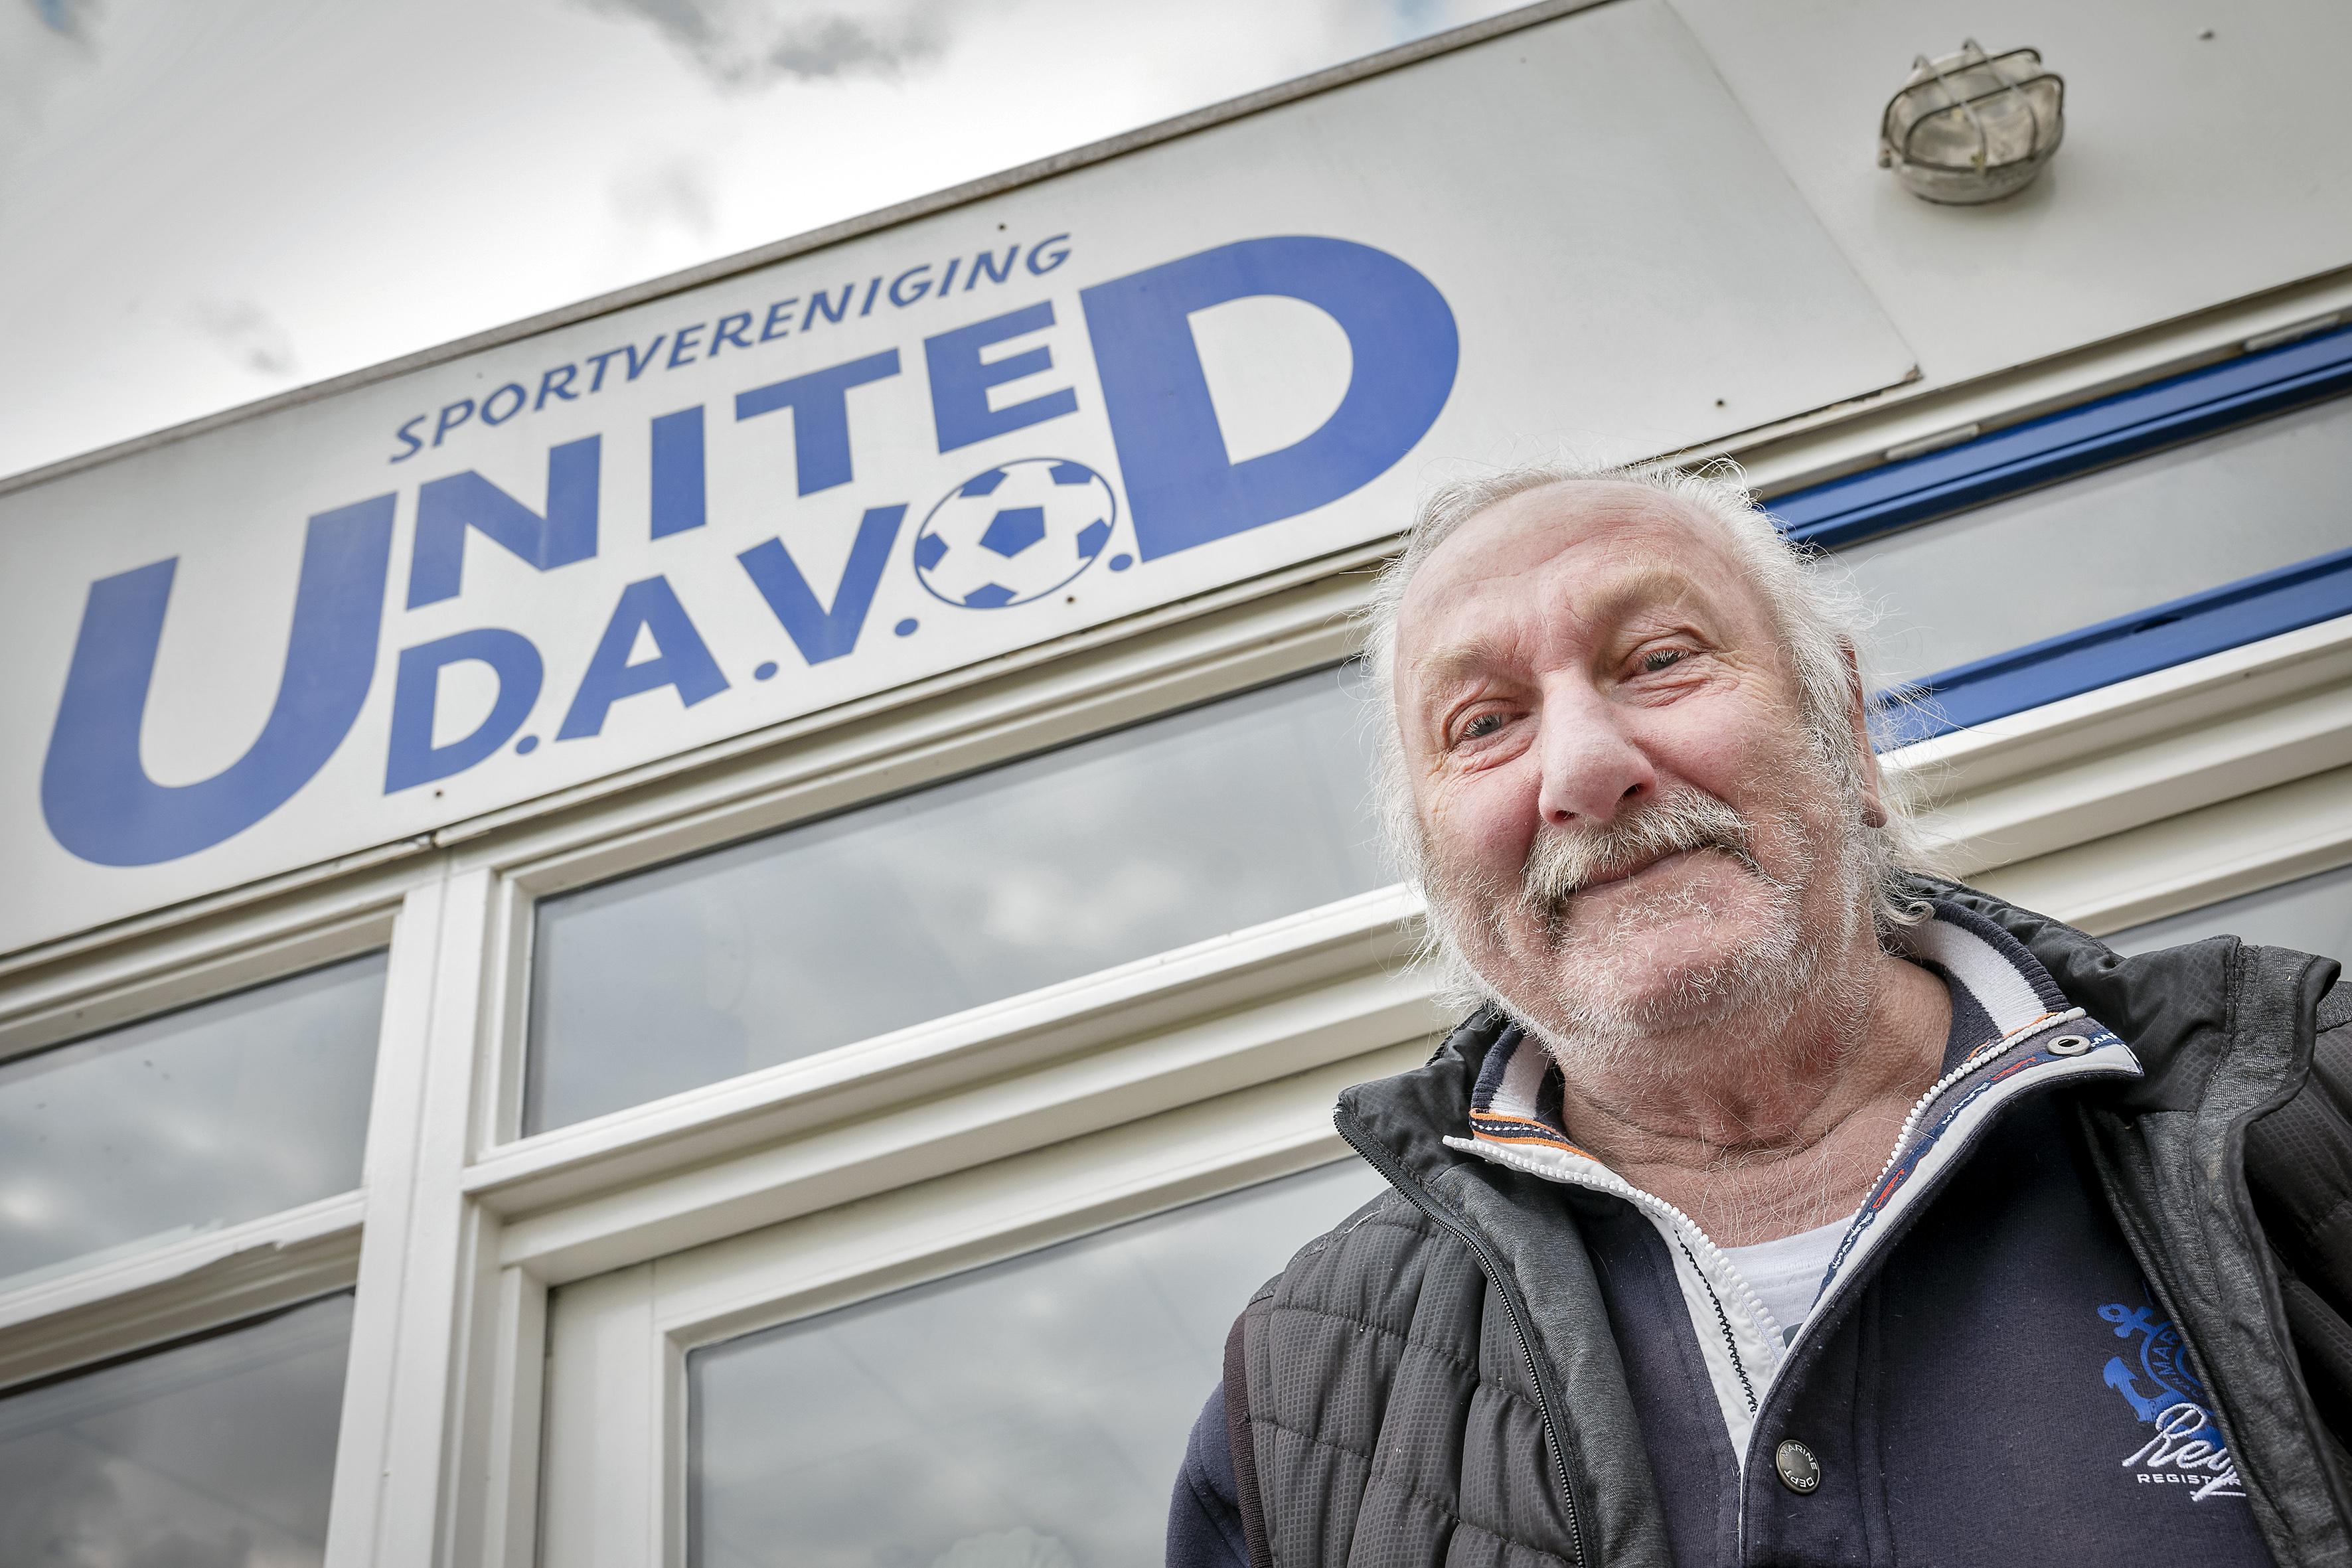 Het ging een tijd lang niet goed met de 'burgemeester van de Zuid Schalkwijkerweg': 'Ik zou doodgaan, maar dat ging niet door'